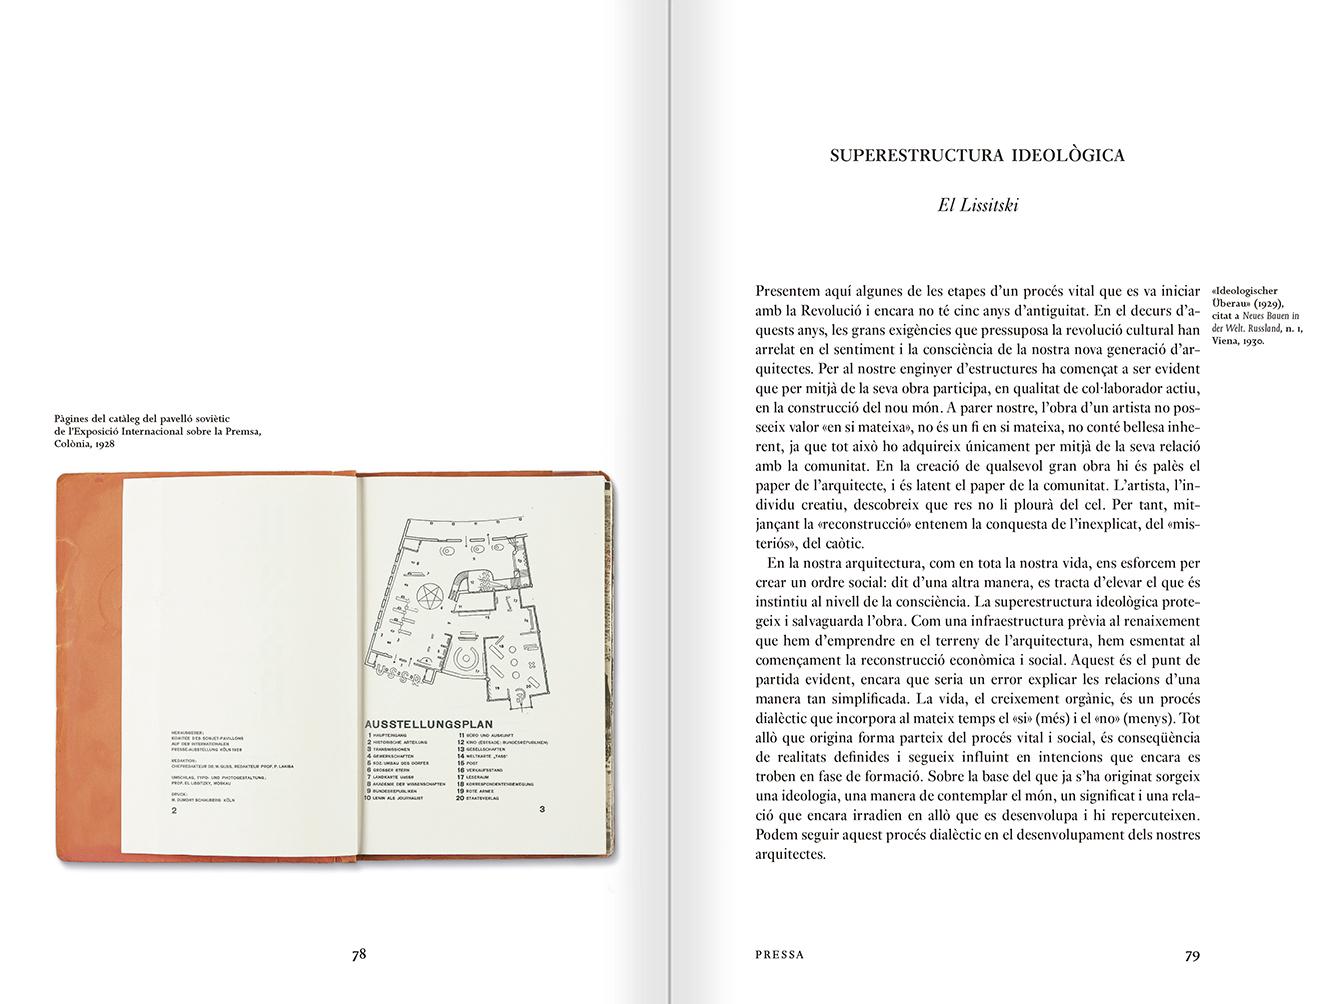 """Selección del catálogo """"Espacios fotográficos públicos. Exposiciones de propaganda, de Pressa a The Family of Man, 1928-1955"""" páginas 78 y 79"""